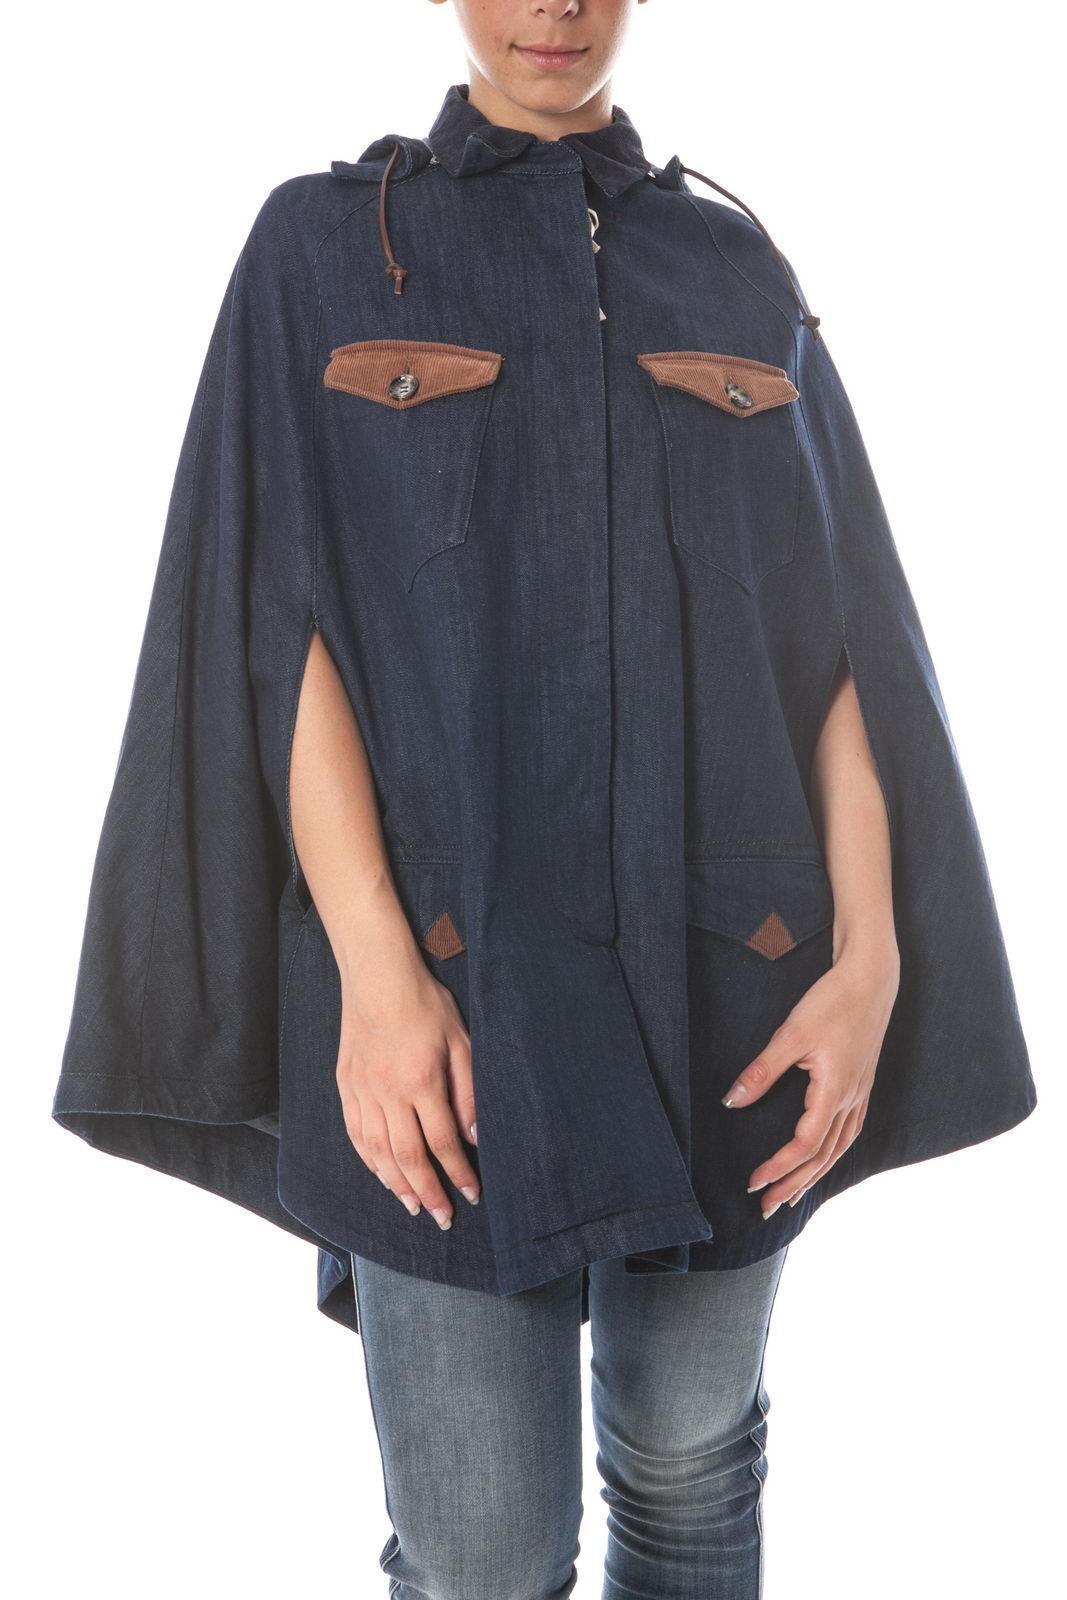 Maglia Maglietta Armani Jeans Sweater MADE IN ITALY Donna Denim Z5K134C 15